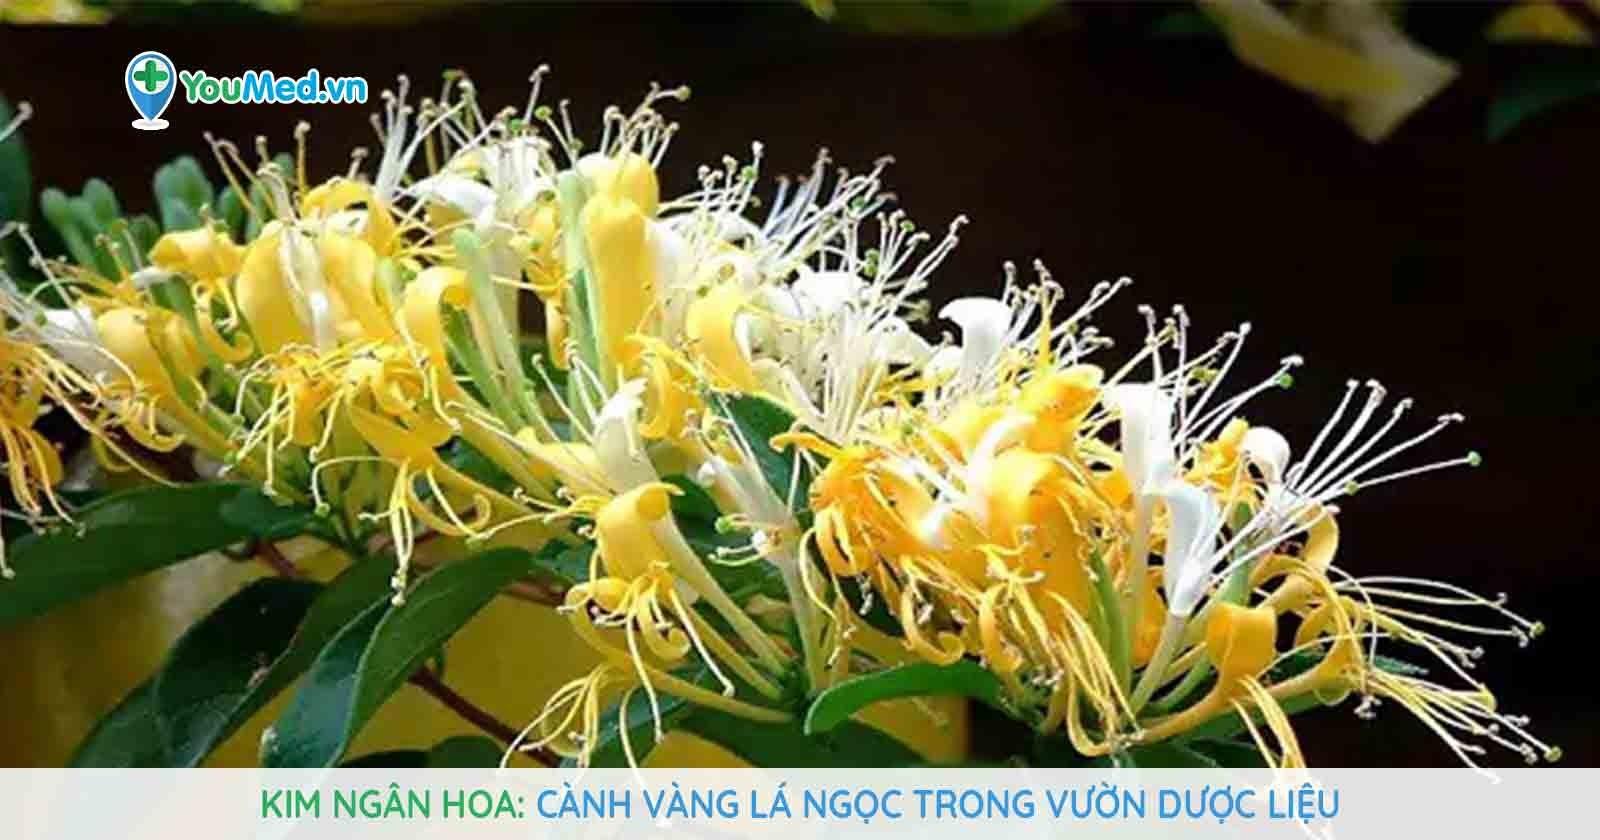 Kim ngân hoa - cành vàng lá ngọc trong vườn dược liệu